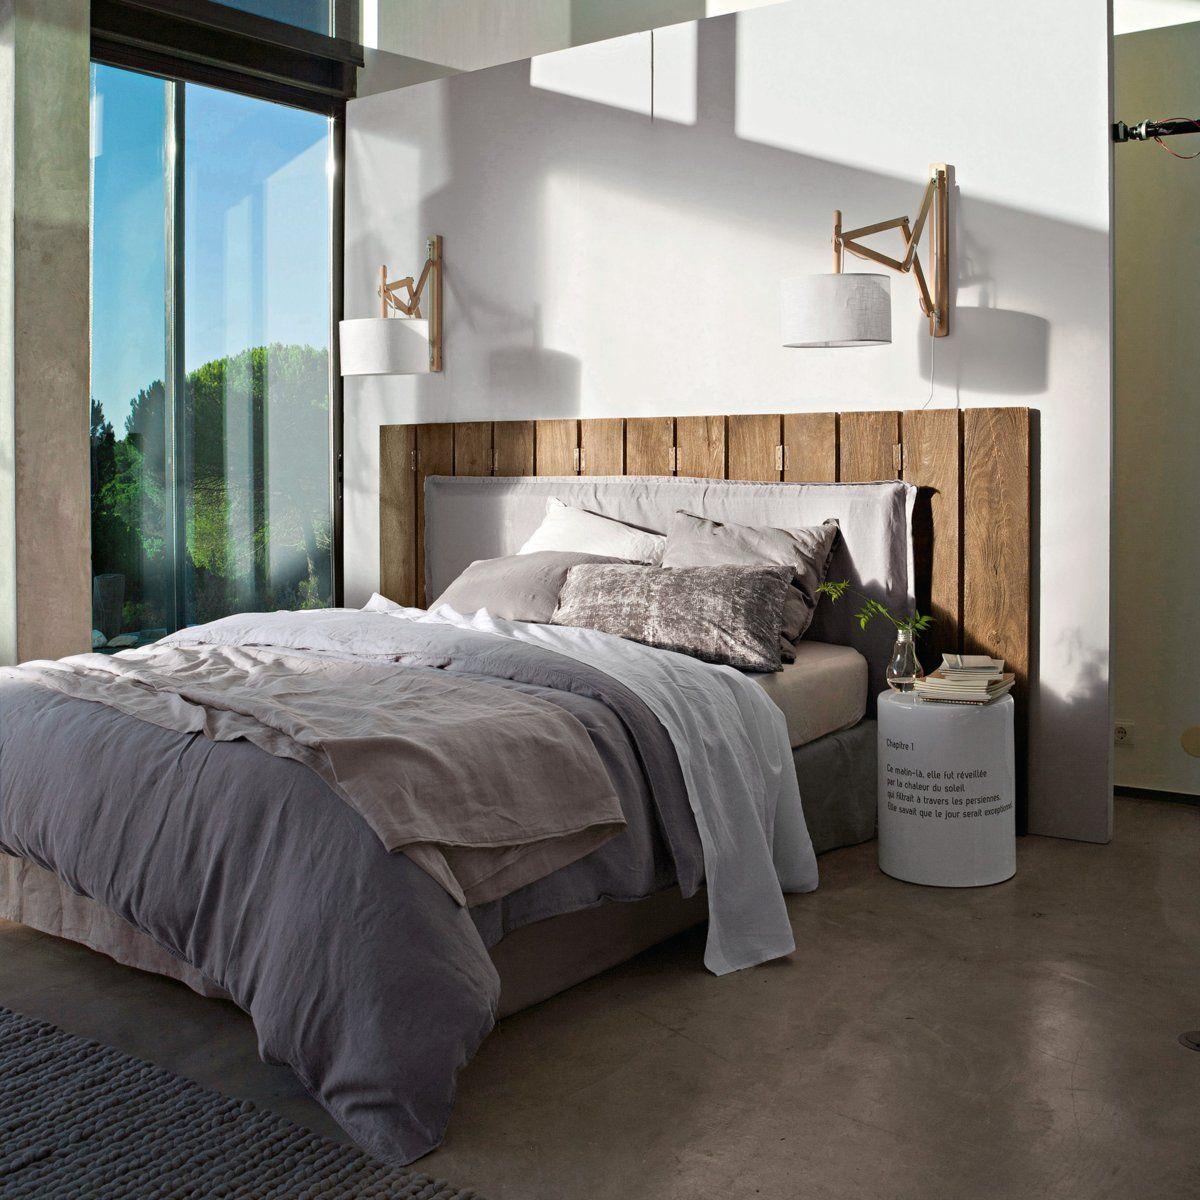 housse de couette elina pur lin lav am pm int rieurs l gants escalera mueble decoraci n. Black Bedroom Furniture Sets. Home Design Ideas